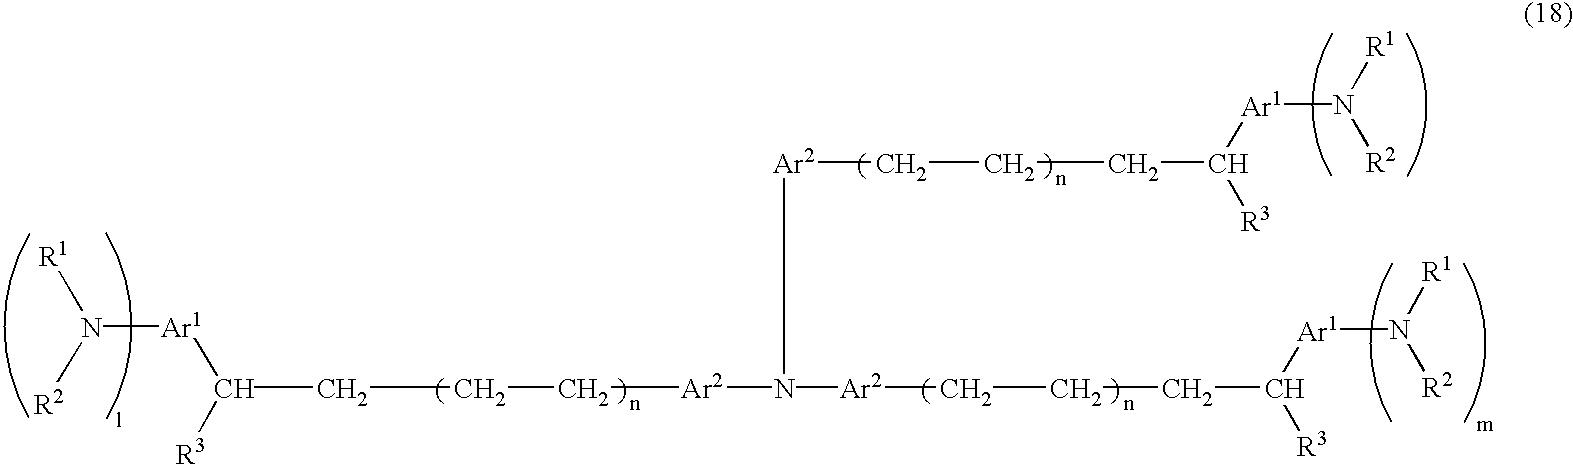 Figure US20030194627A1-20031016-C00020